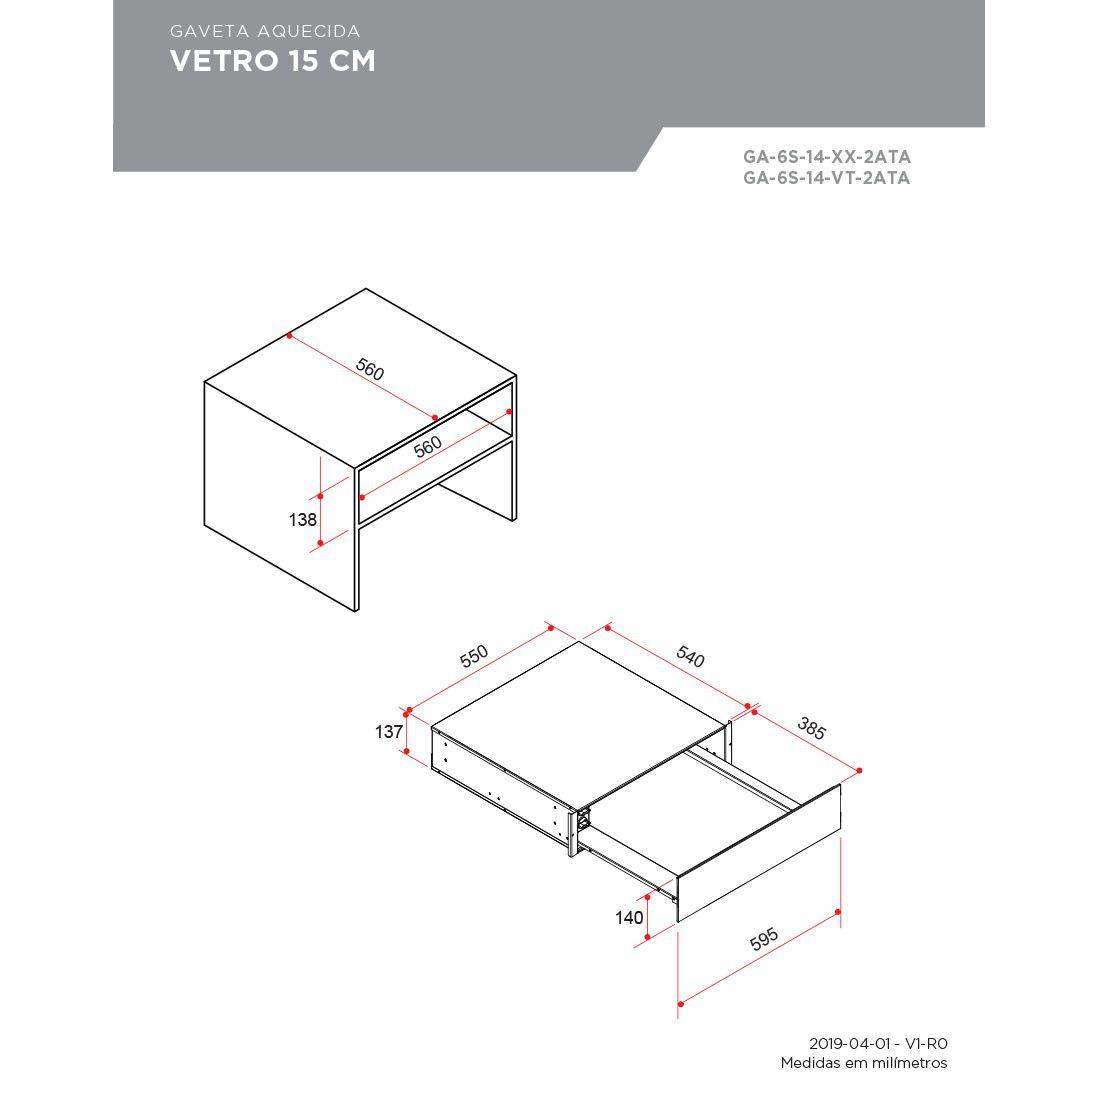 Gaveta Aquecida Elettromec Vetro Vidro Preto 15cm 220V